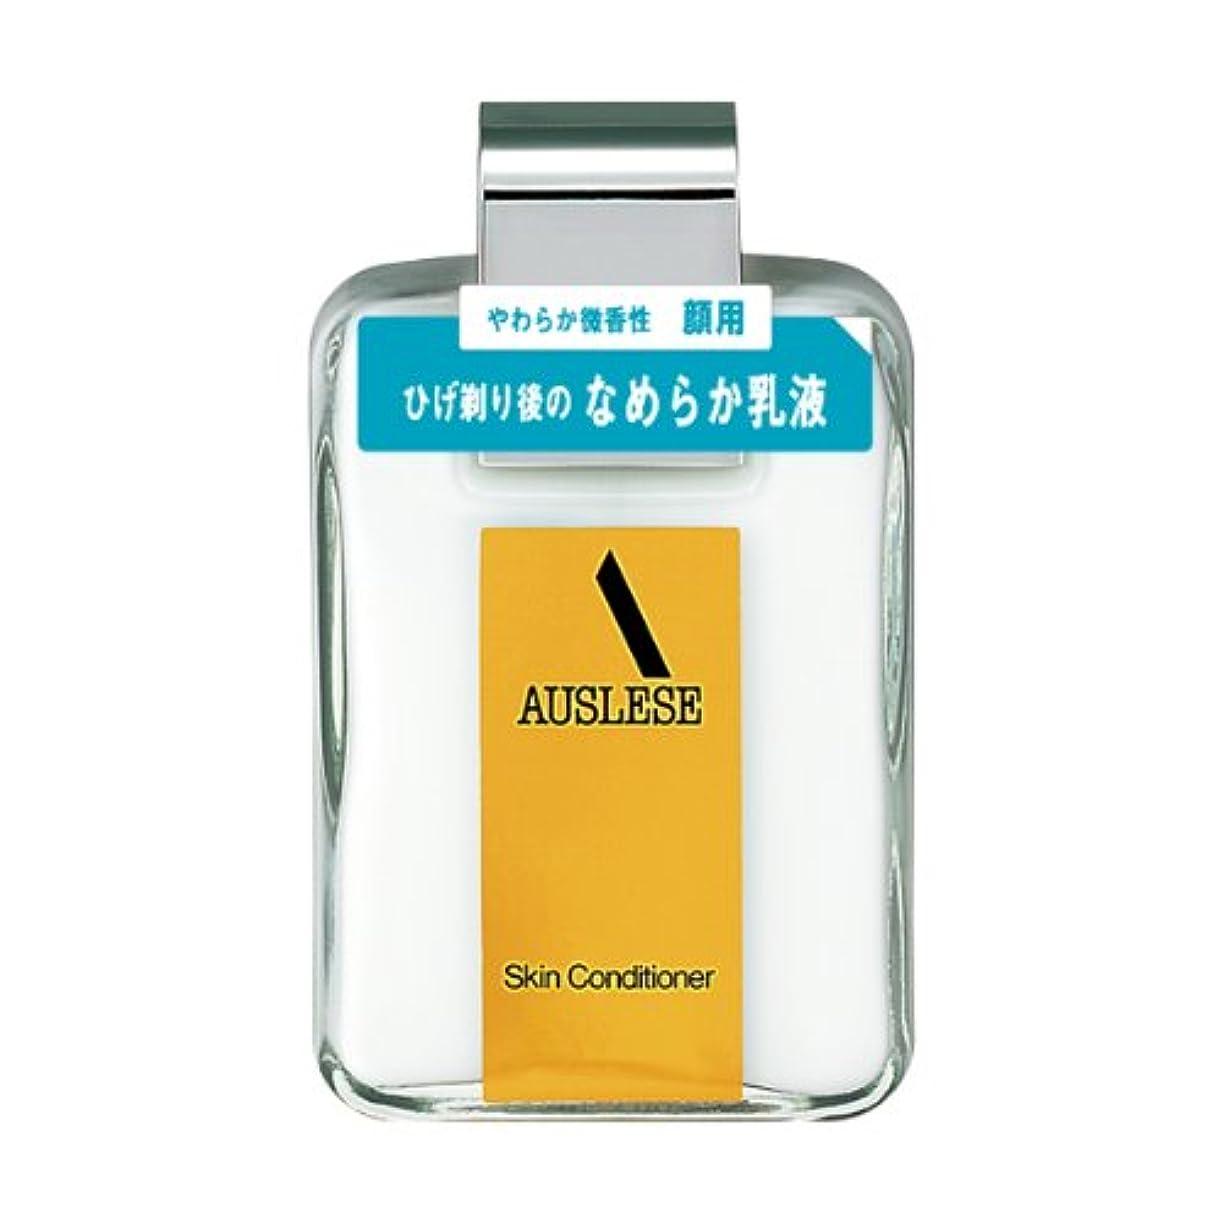 ブロックする害虫摂氏アウスレーゼ スキンコンディショナーNA 120mL 【医薬部外品】